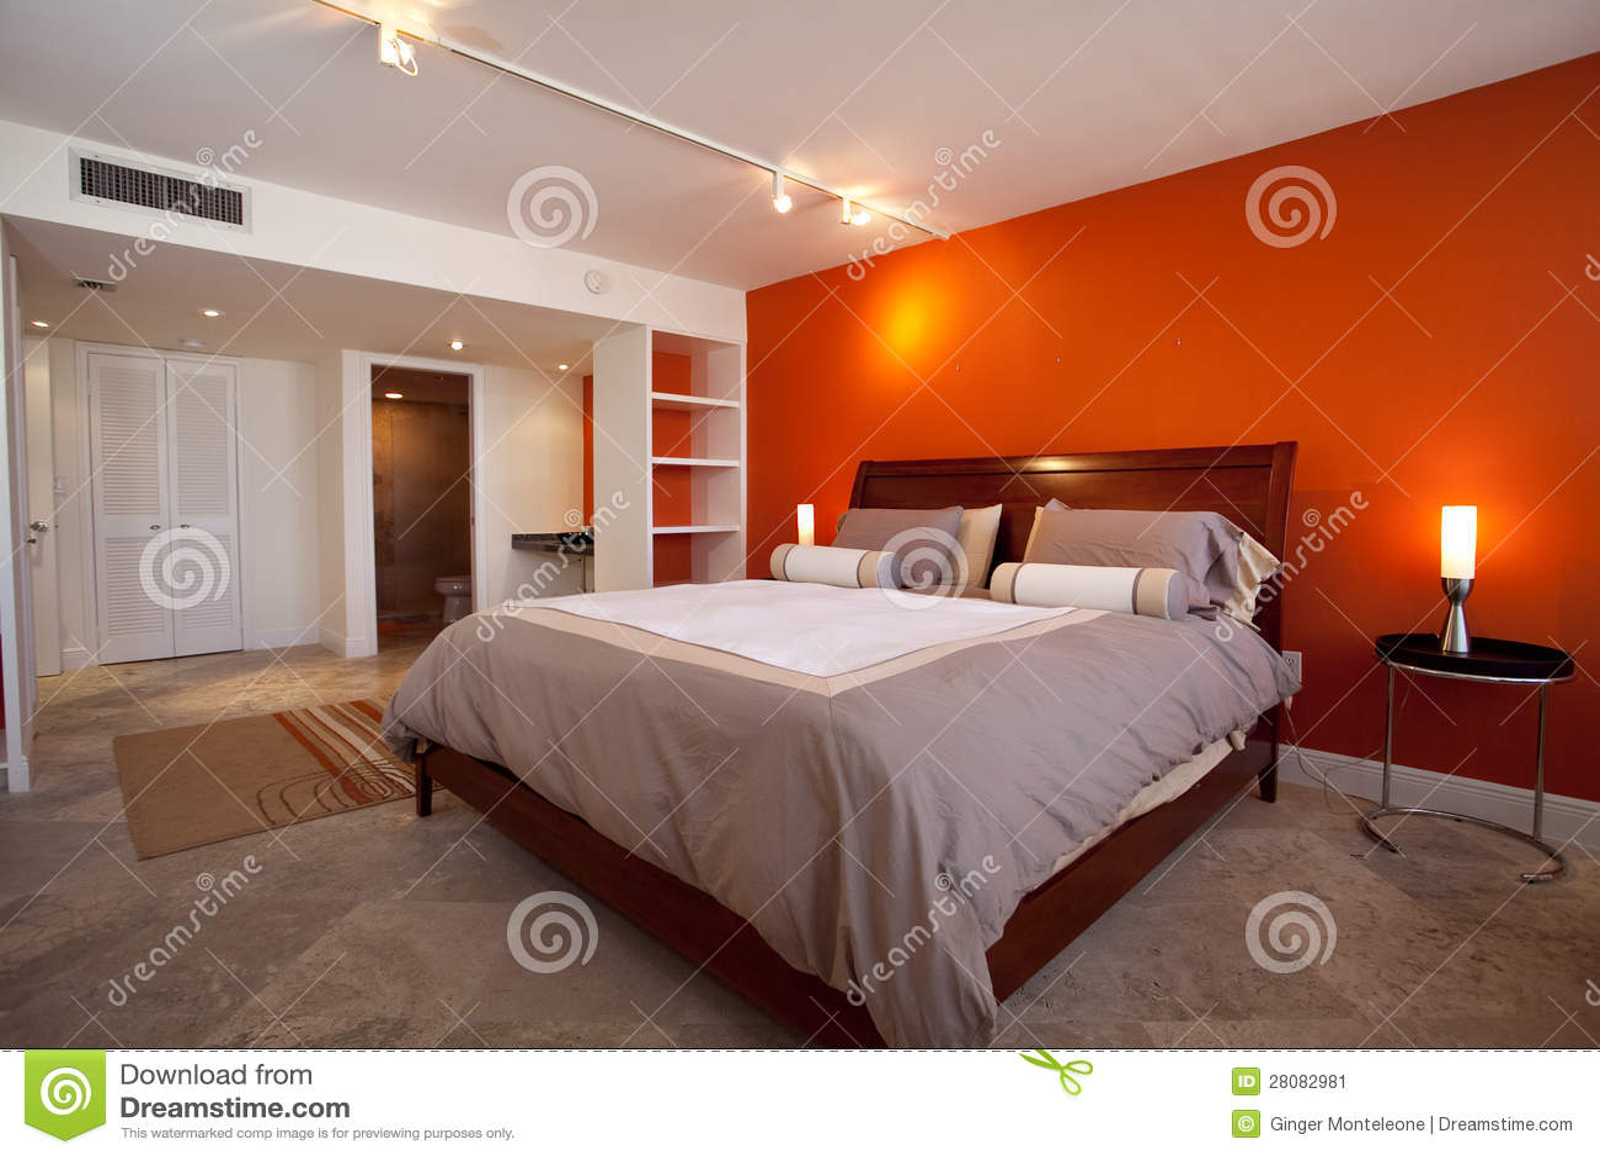 Chambre à coucher orange image stock. Image du lampe, logement - 3269095